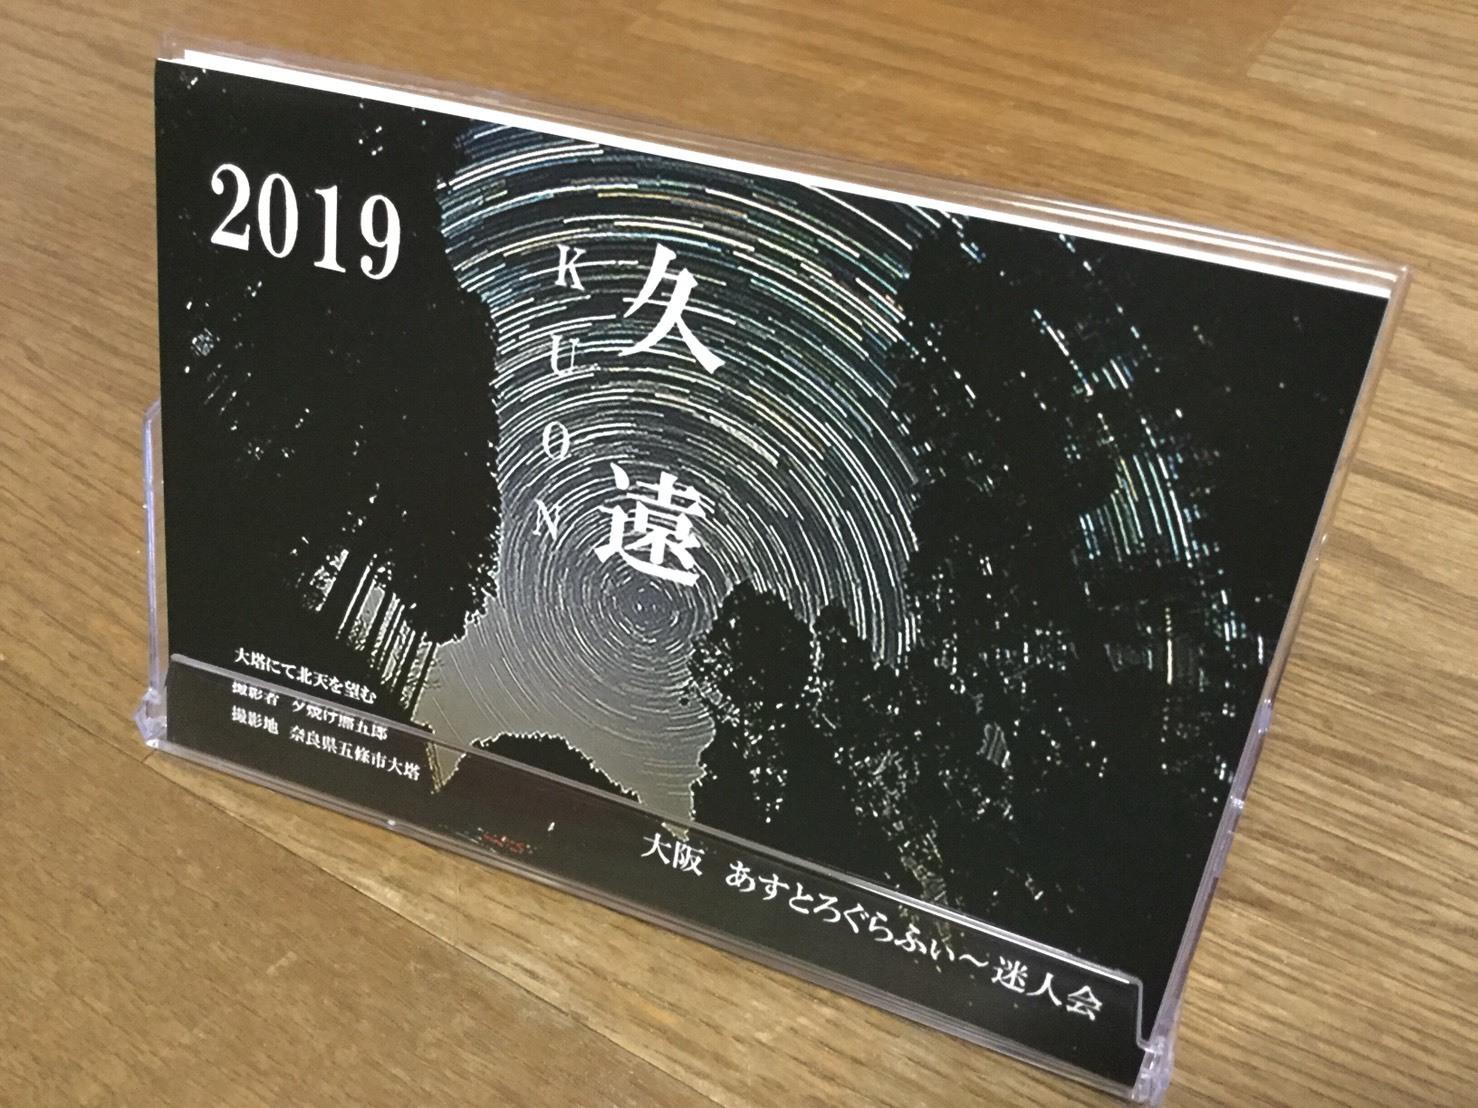 2019 kuon1